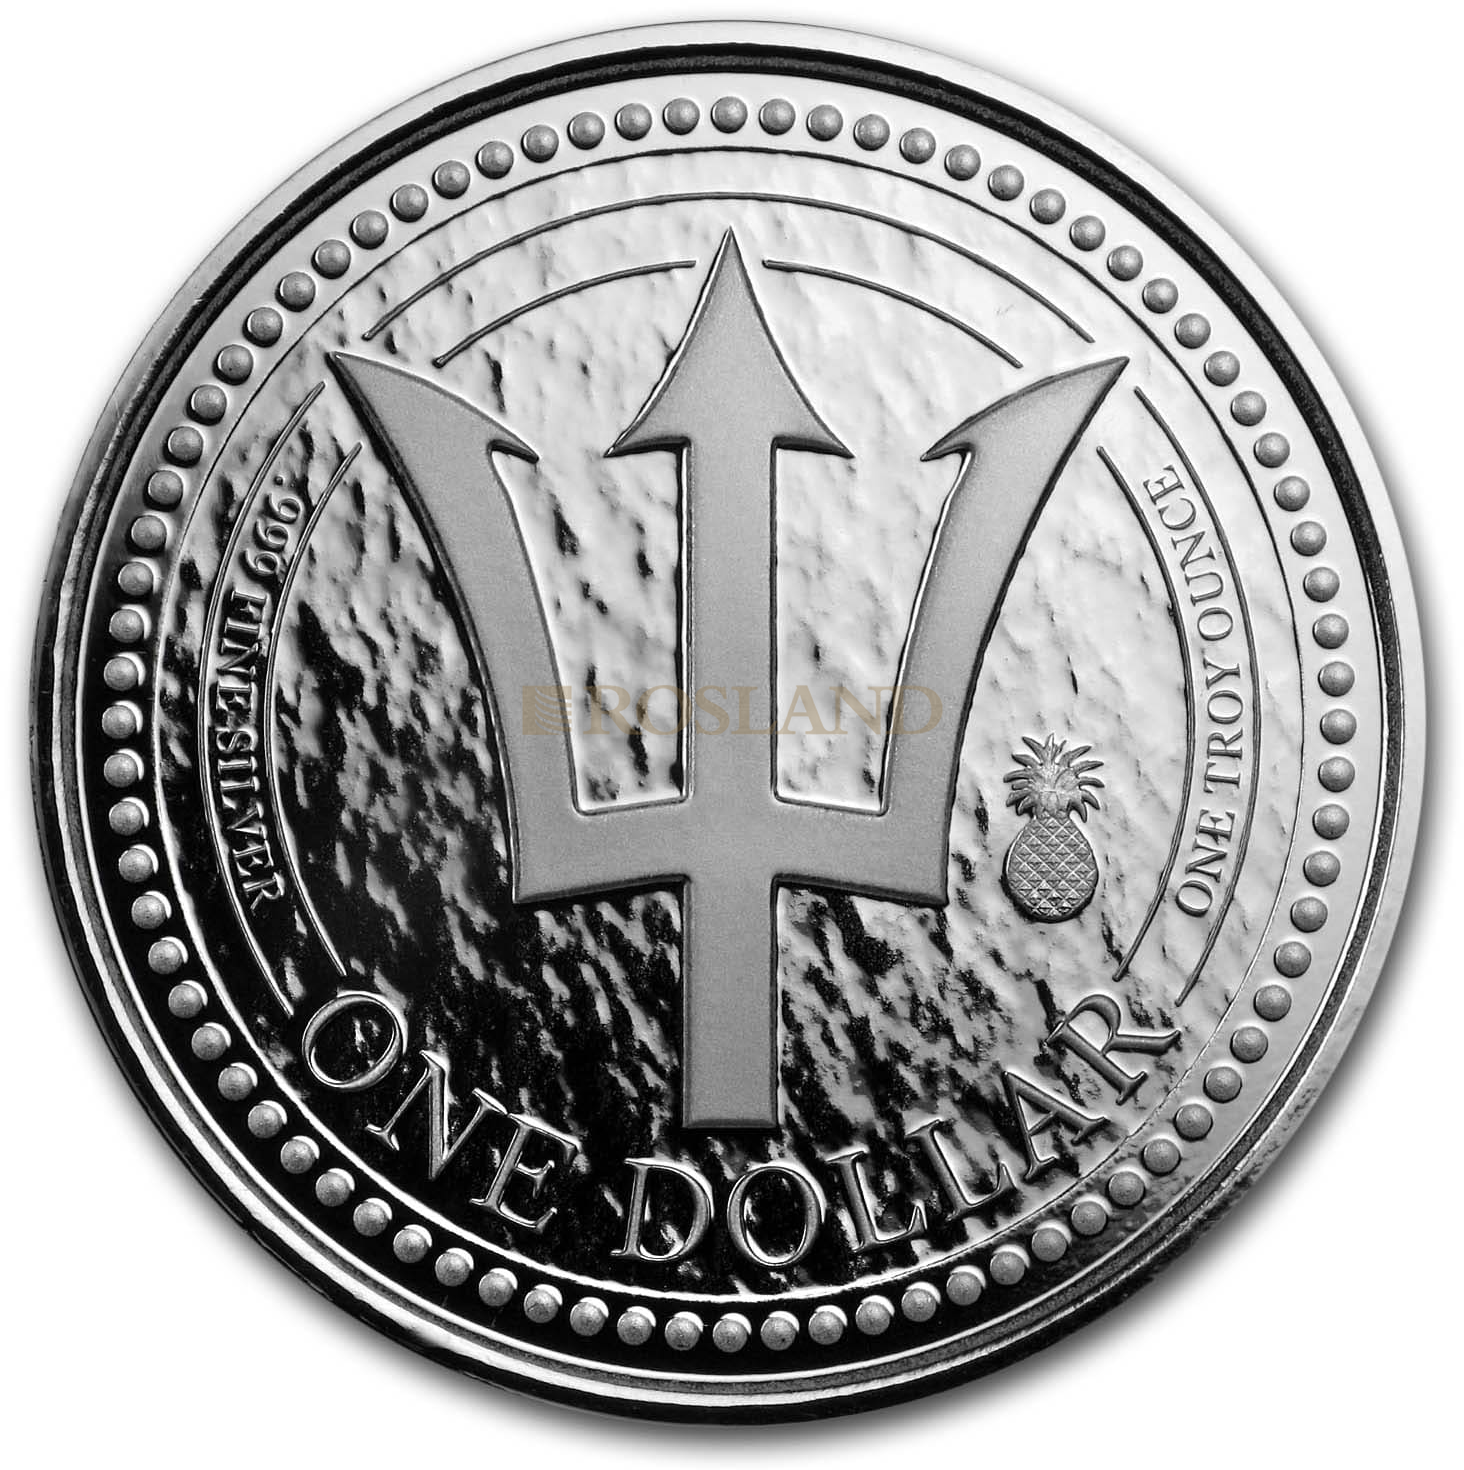 1 Unze Silbermünze Barbados Dreizack 2018 (Ananas Privy)